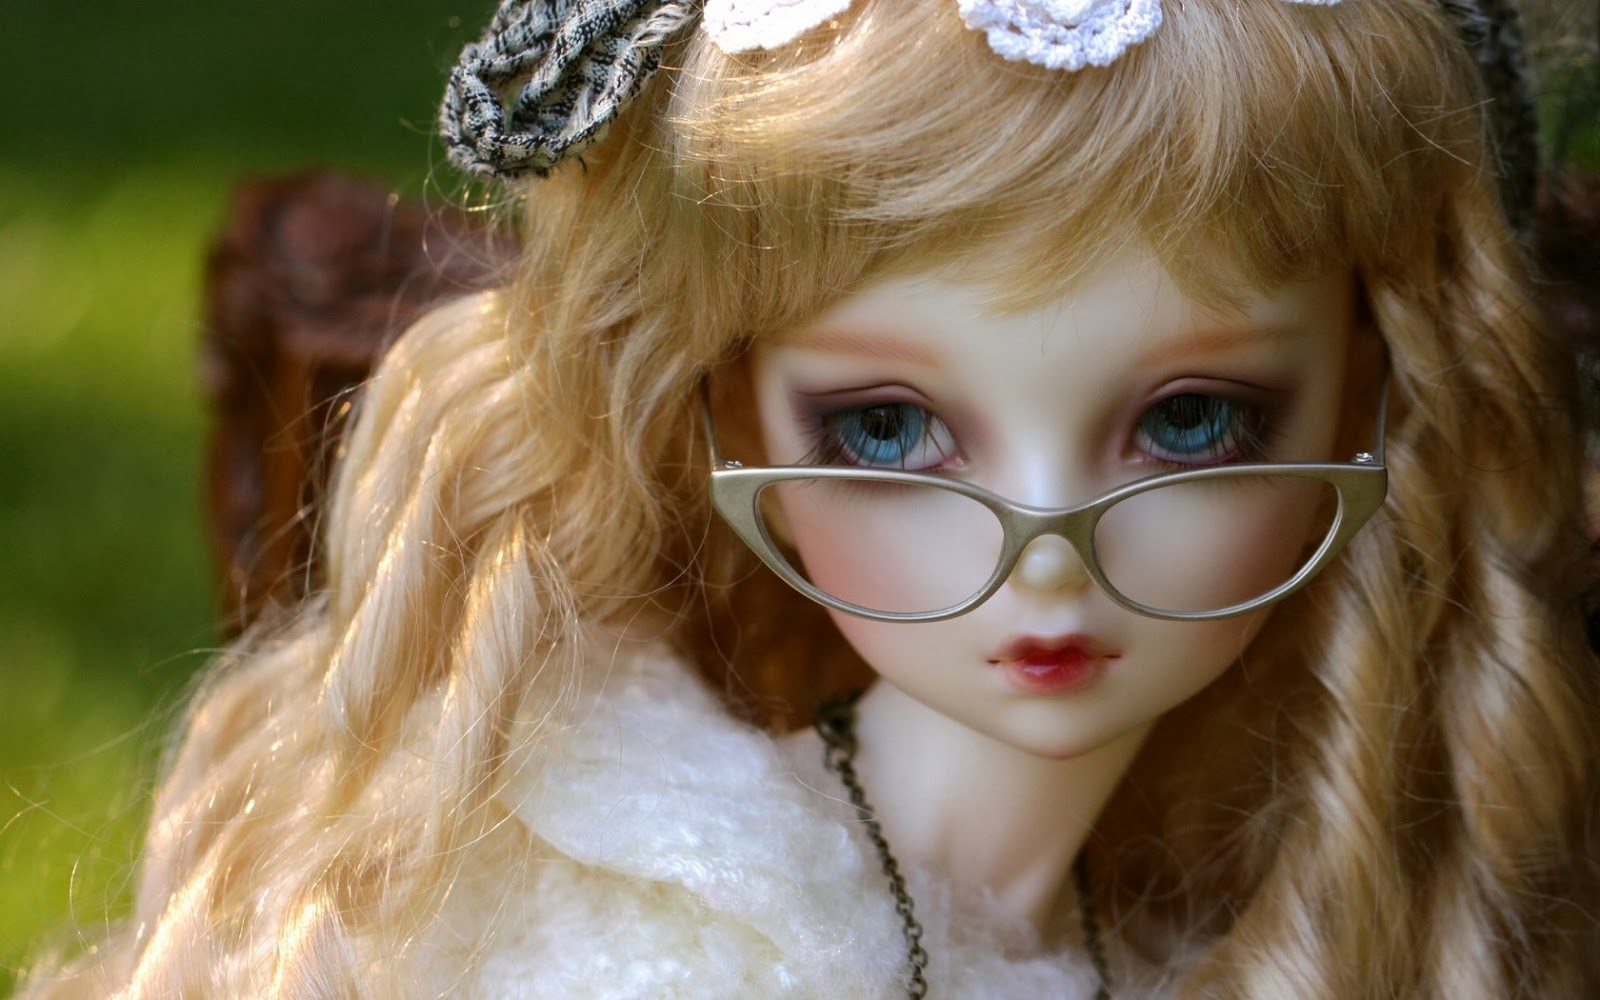 Barbie Dolls Hd Wallpaper Free Download: All New Wallpaper : Pretty Barbie Dolls Wallpapers